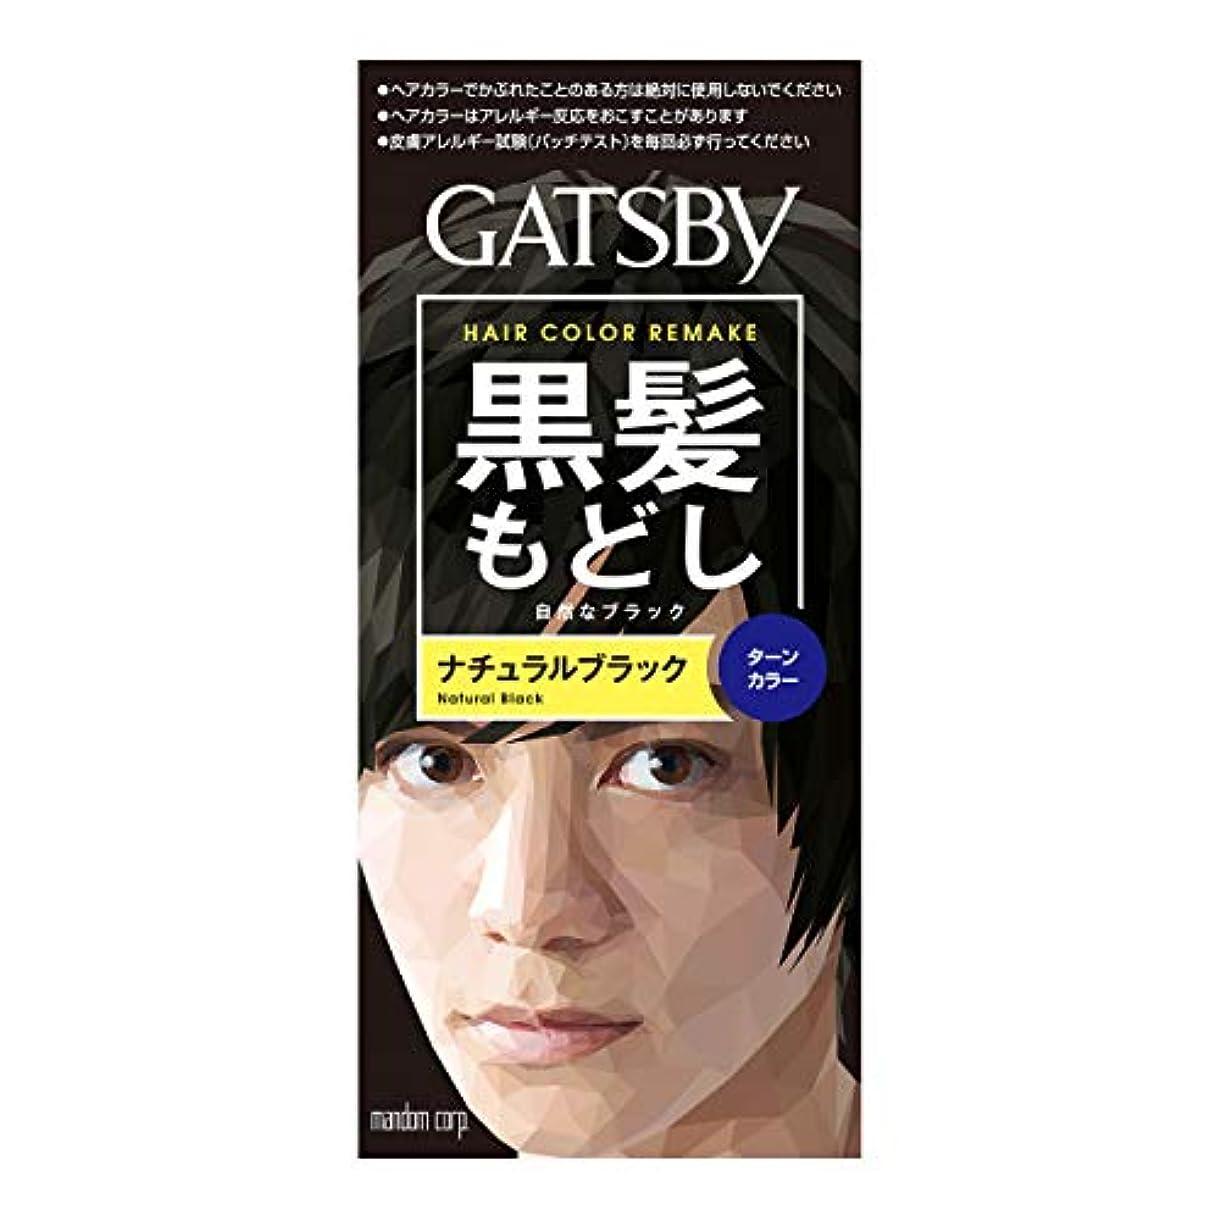 キリスト教システム比喩GATSBY(ギャツビー) ターンカラー ナチュラルブラック 1剤35g 2剤70mL (医薬部外品)